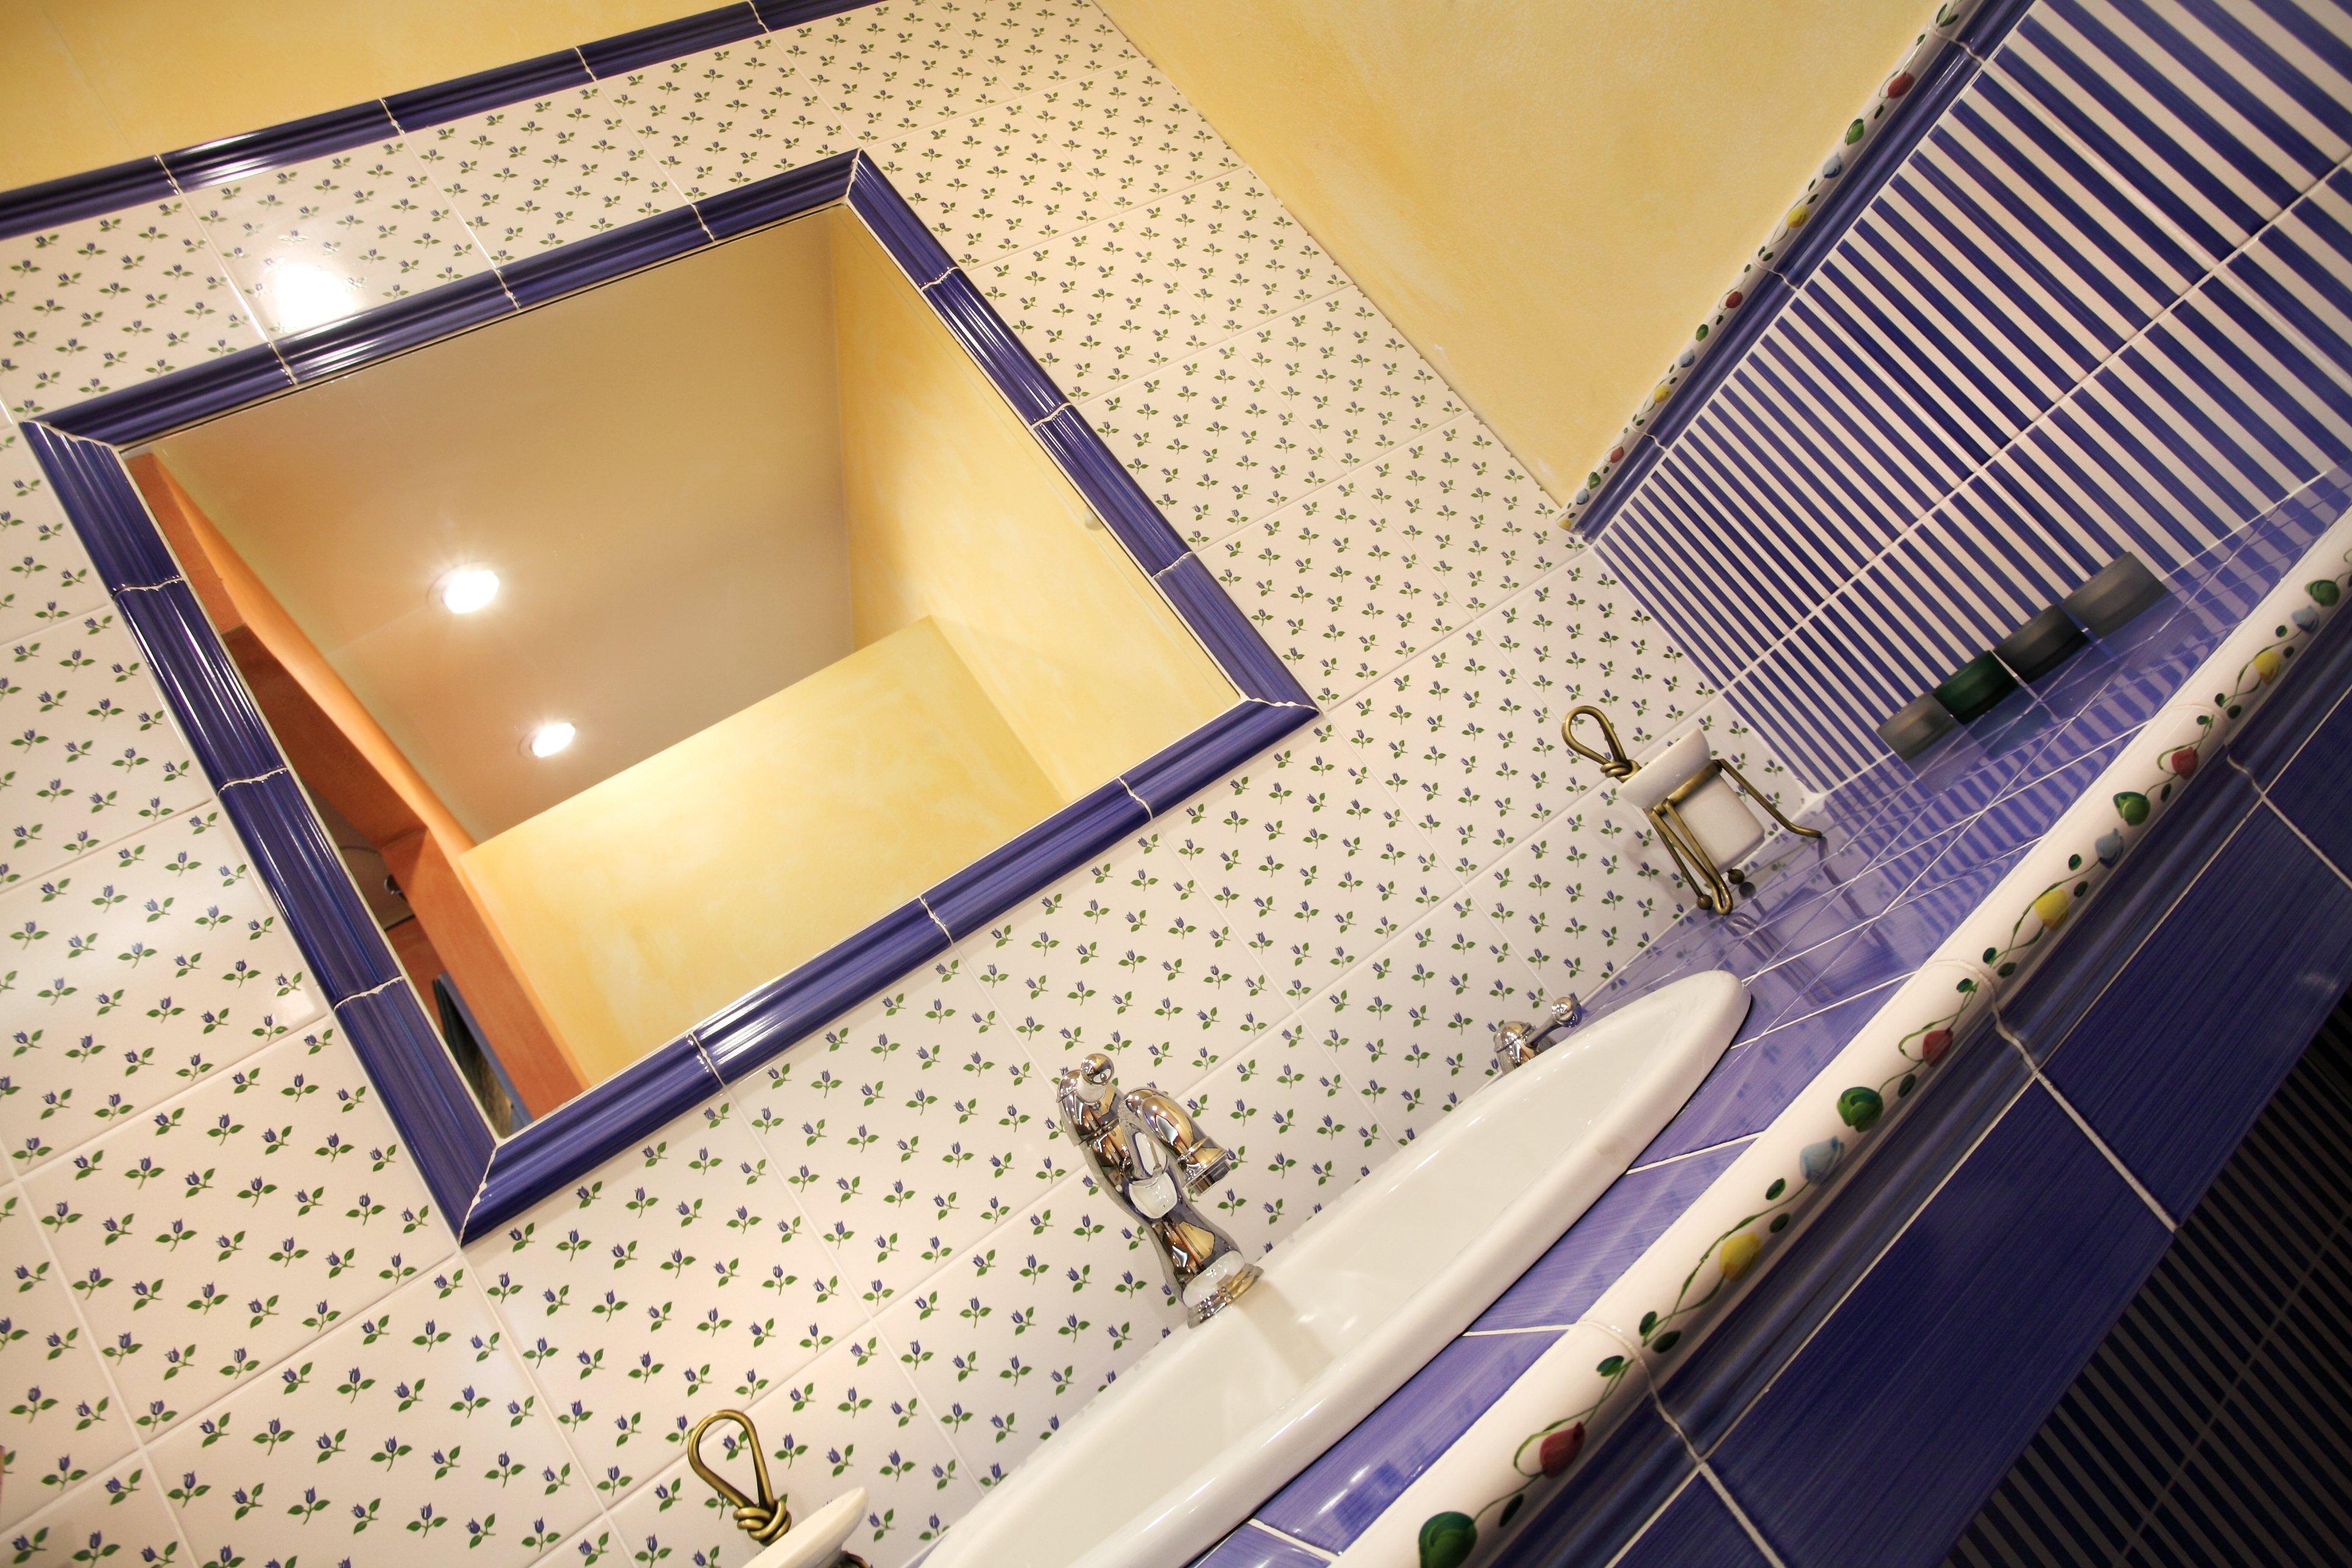 Foto laterale di un bagno con pareti gialle e blu scuro.